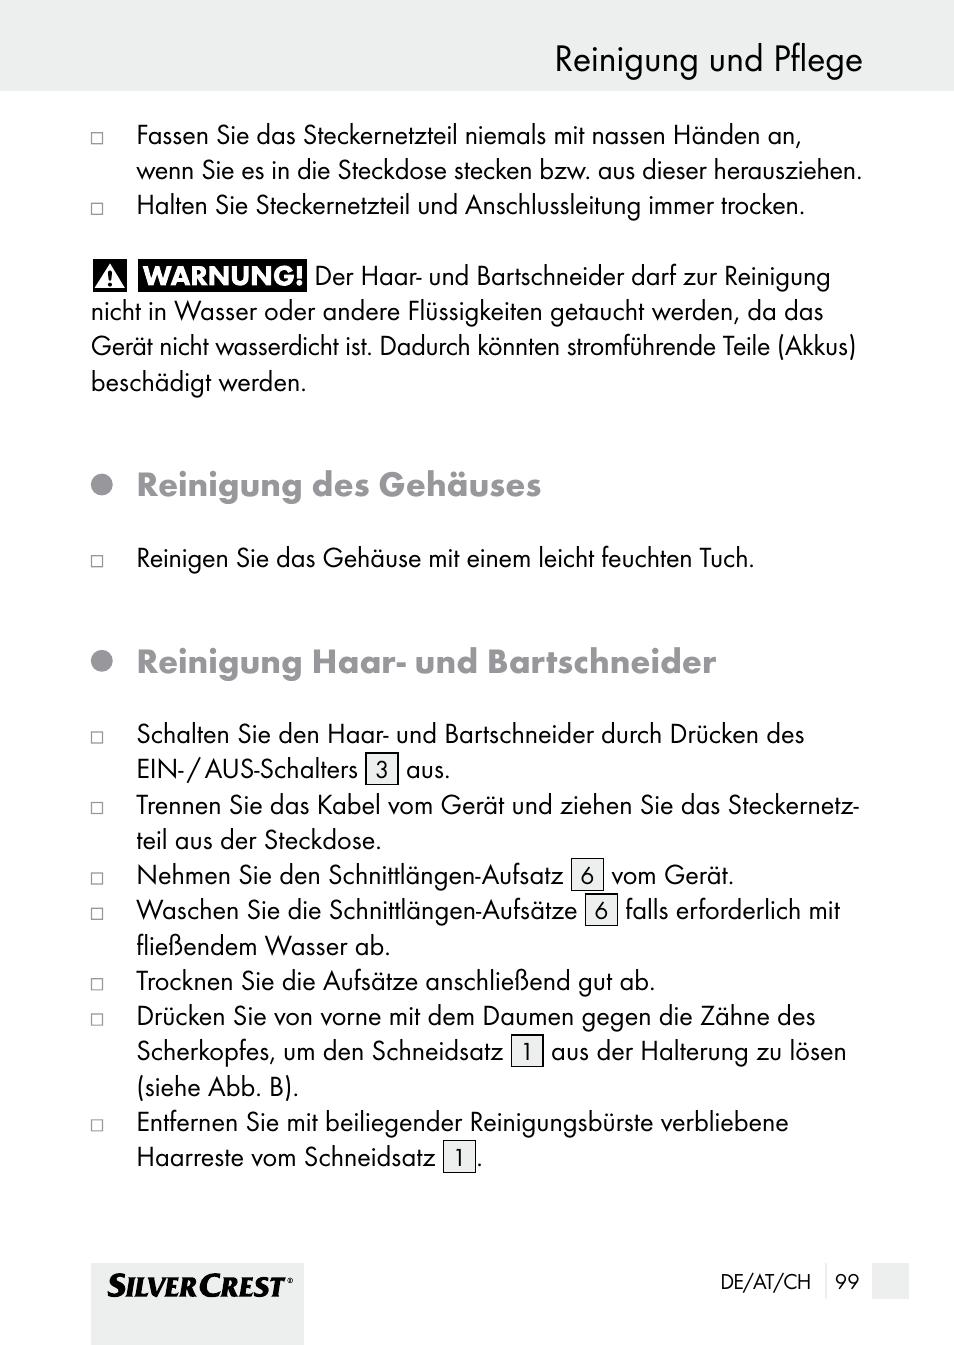 Groß Stromführende Kabel Beschädigt Ideen - Der Schaltplan - greigo.com